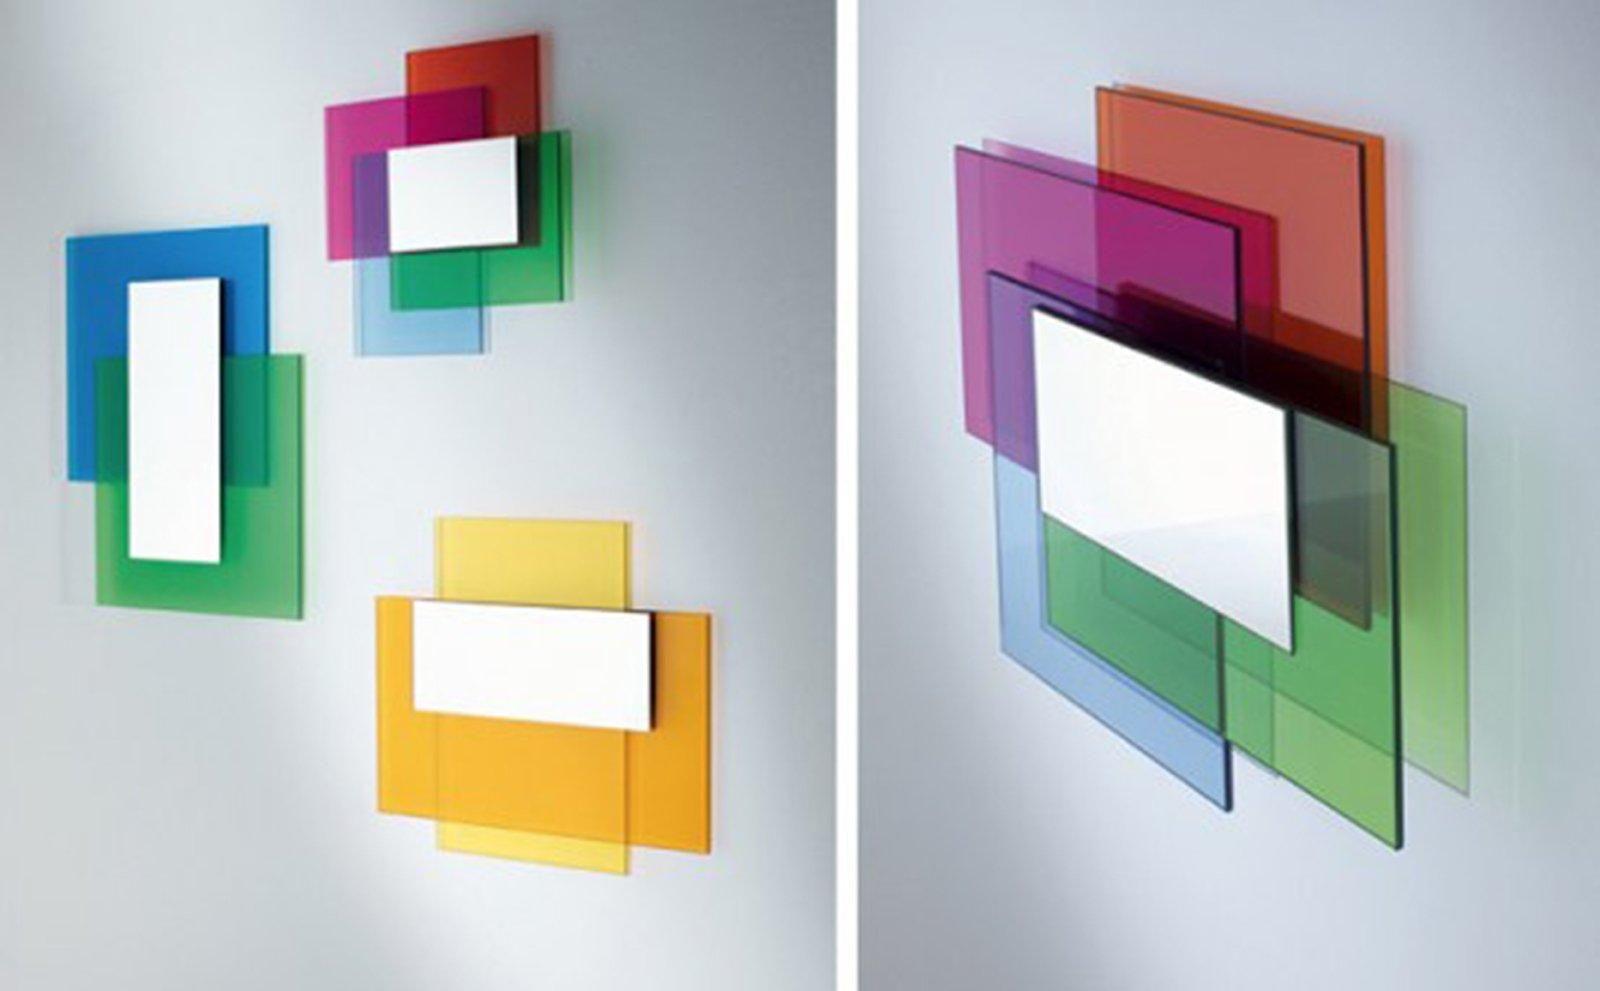 Specchi questione di riflessi cose di casa - Specchi in casa ...